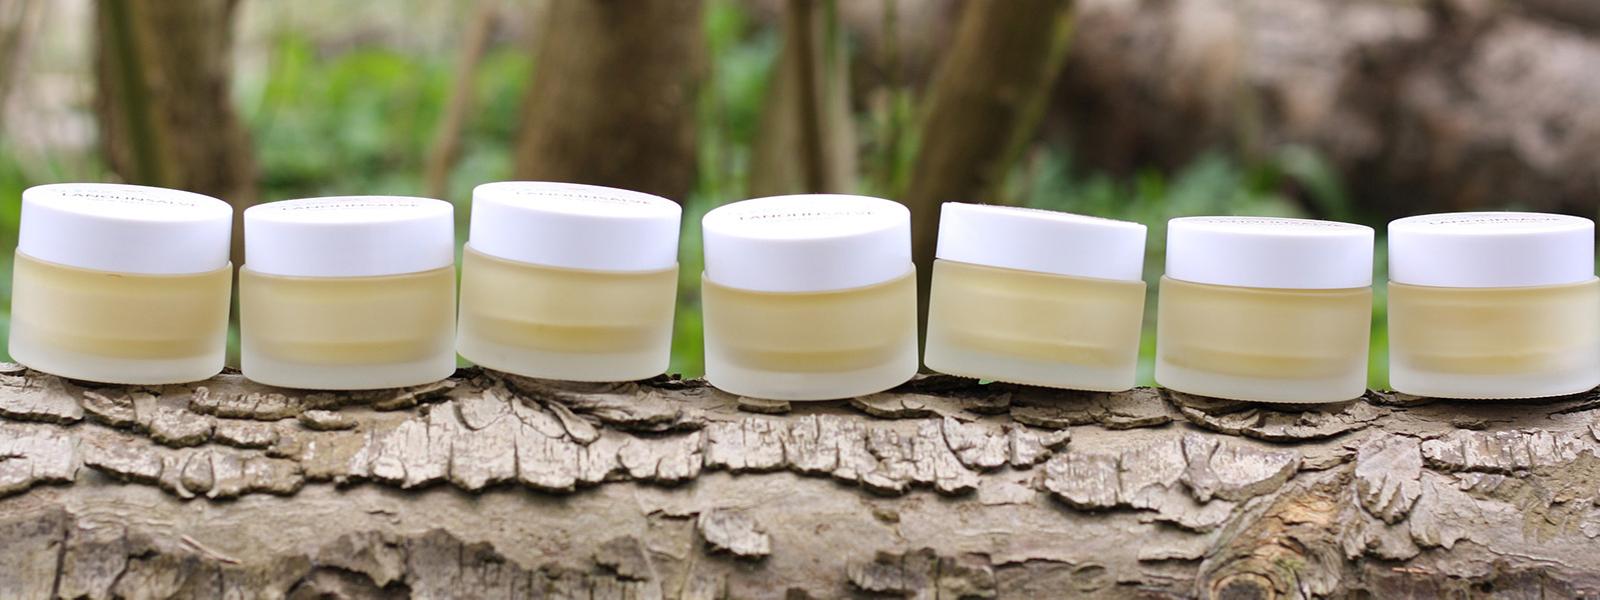 Naturlig hudpleje til toer og oedelagt hud fra WeeCare